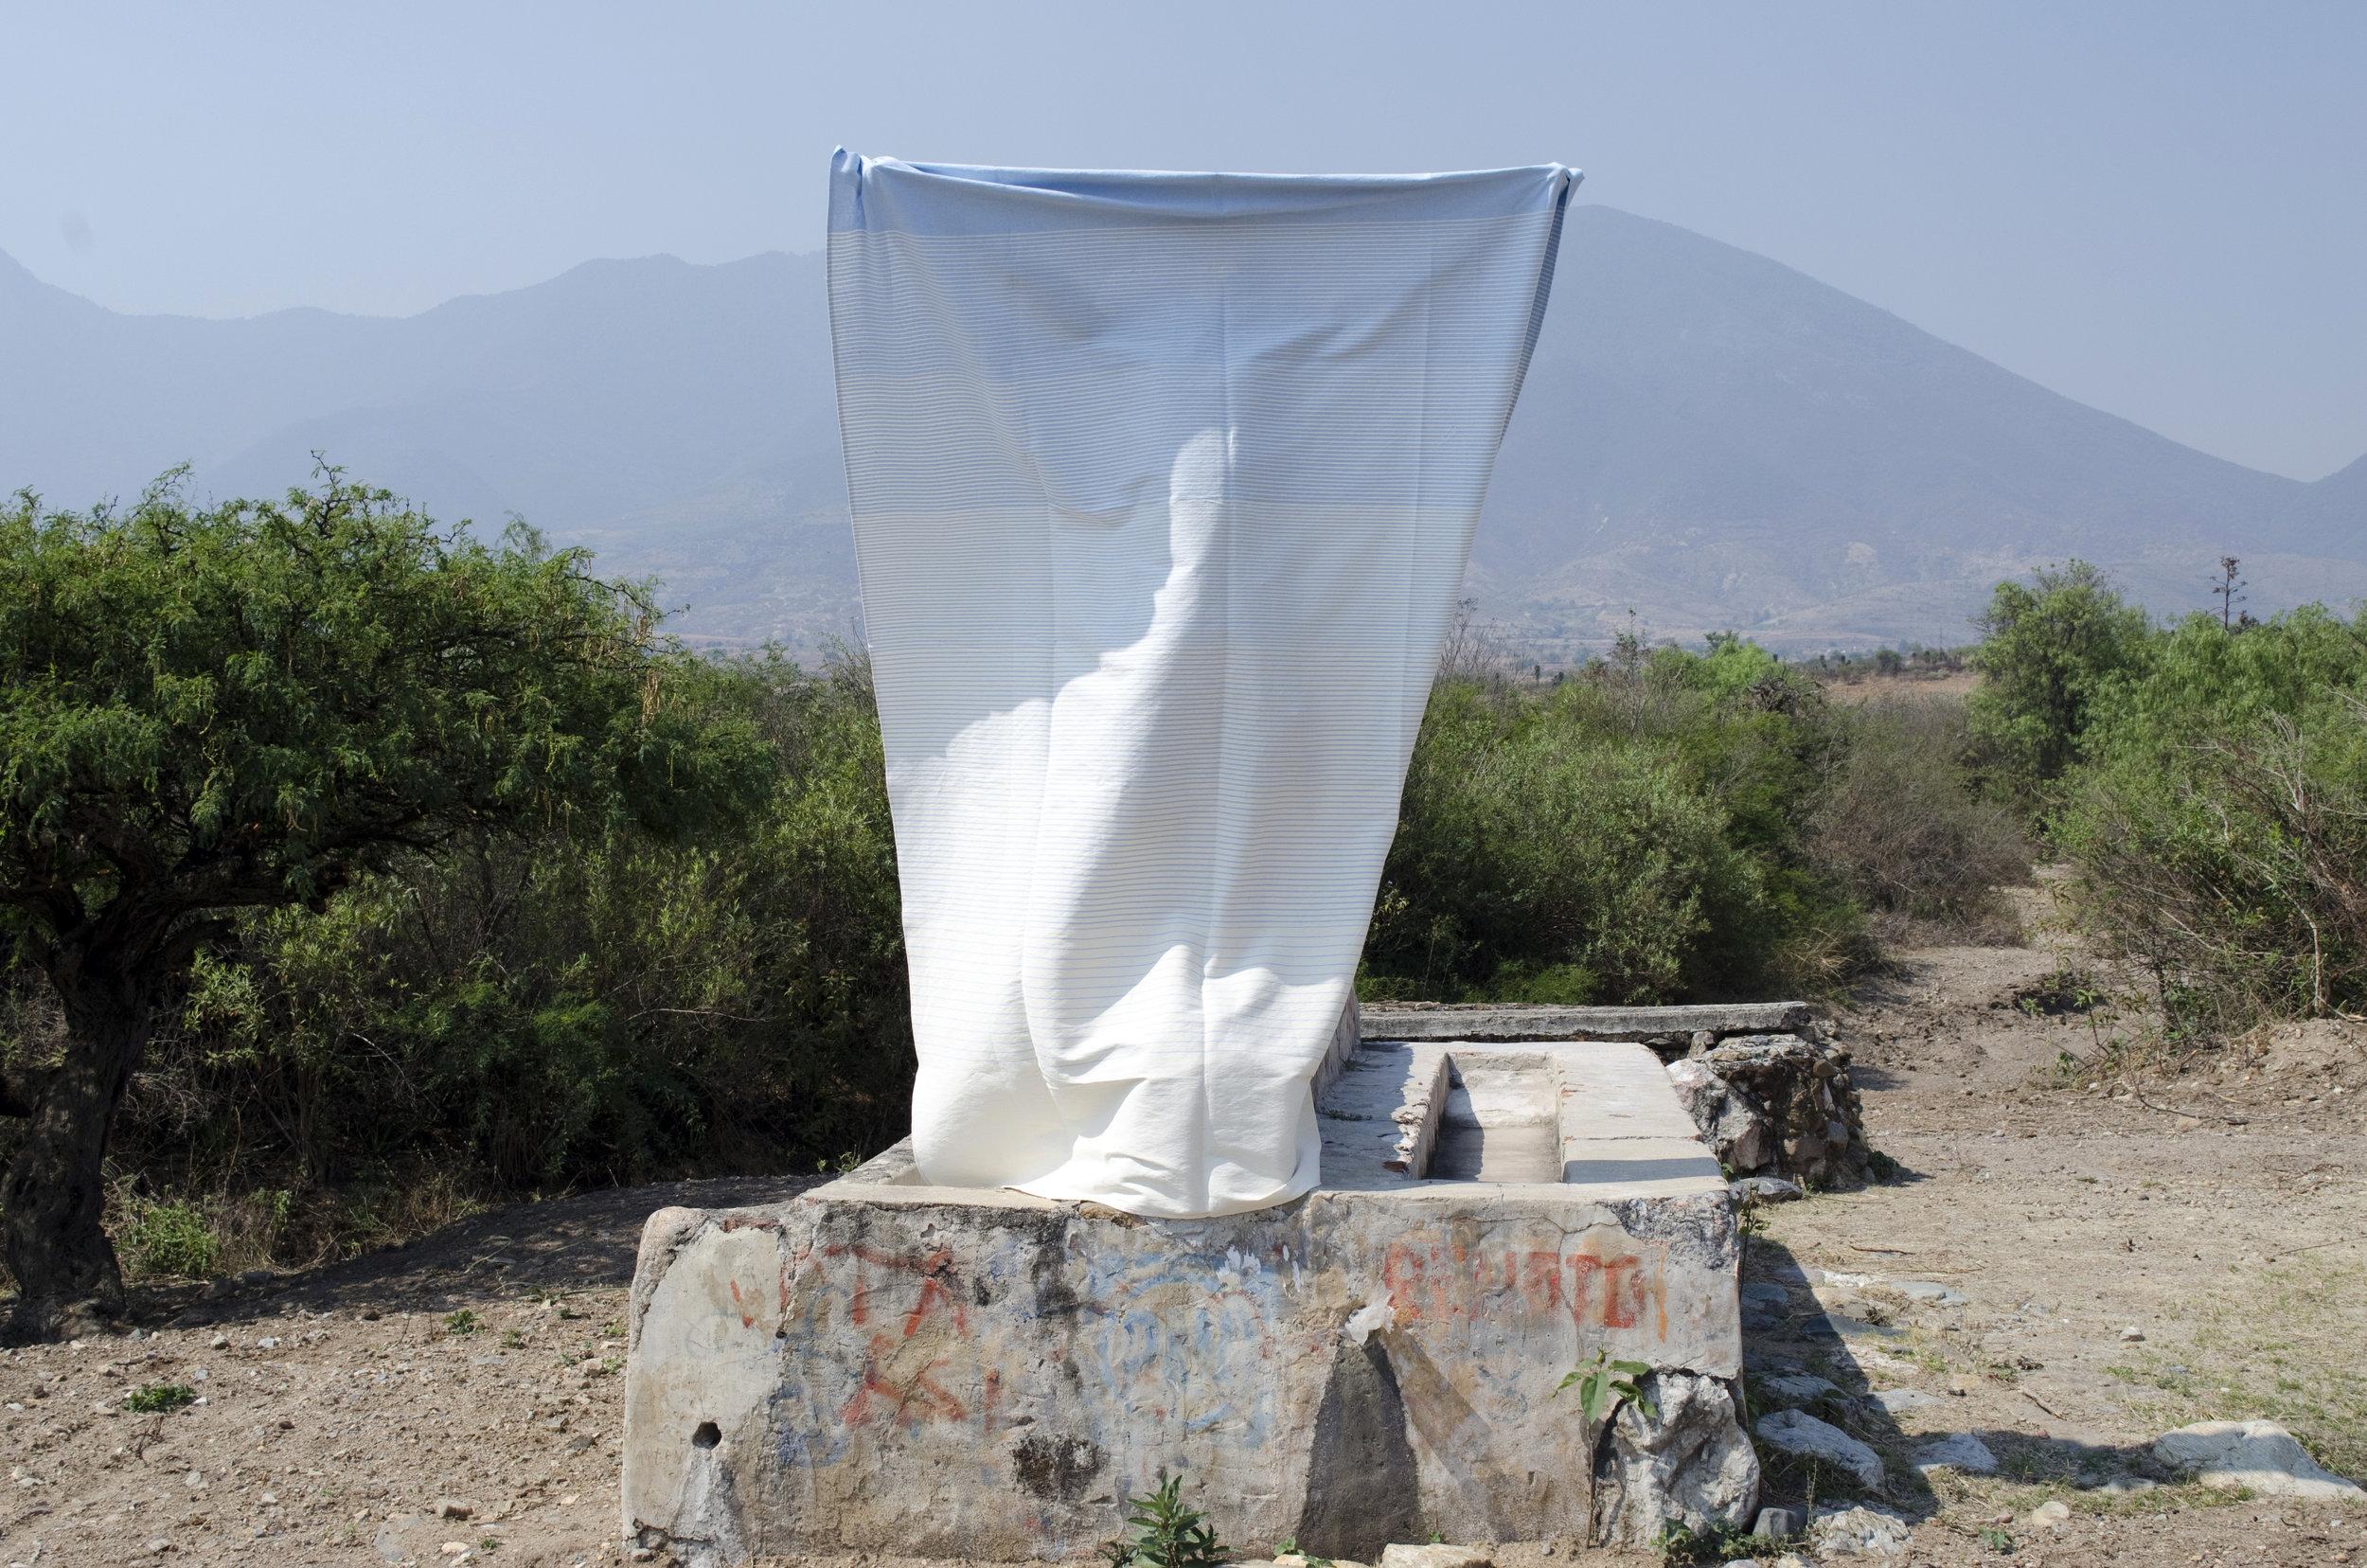 diario_oaxaca-tableclothing-context2.jpg